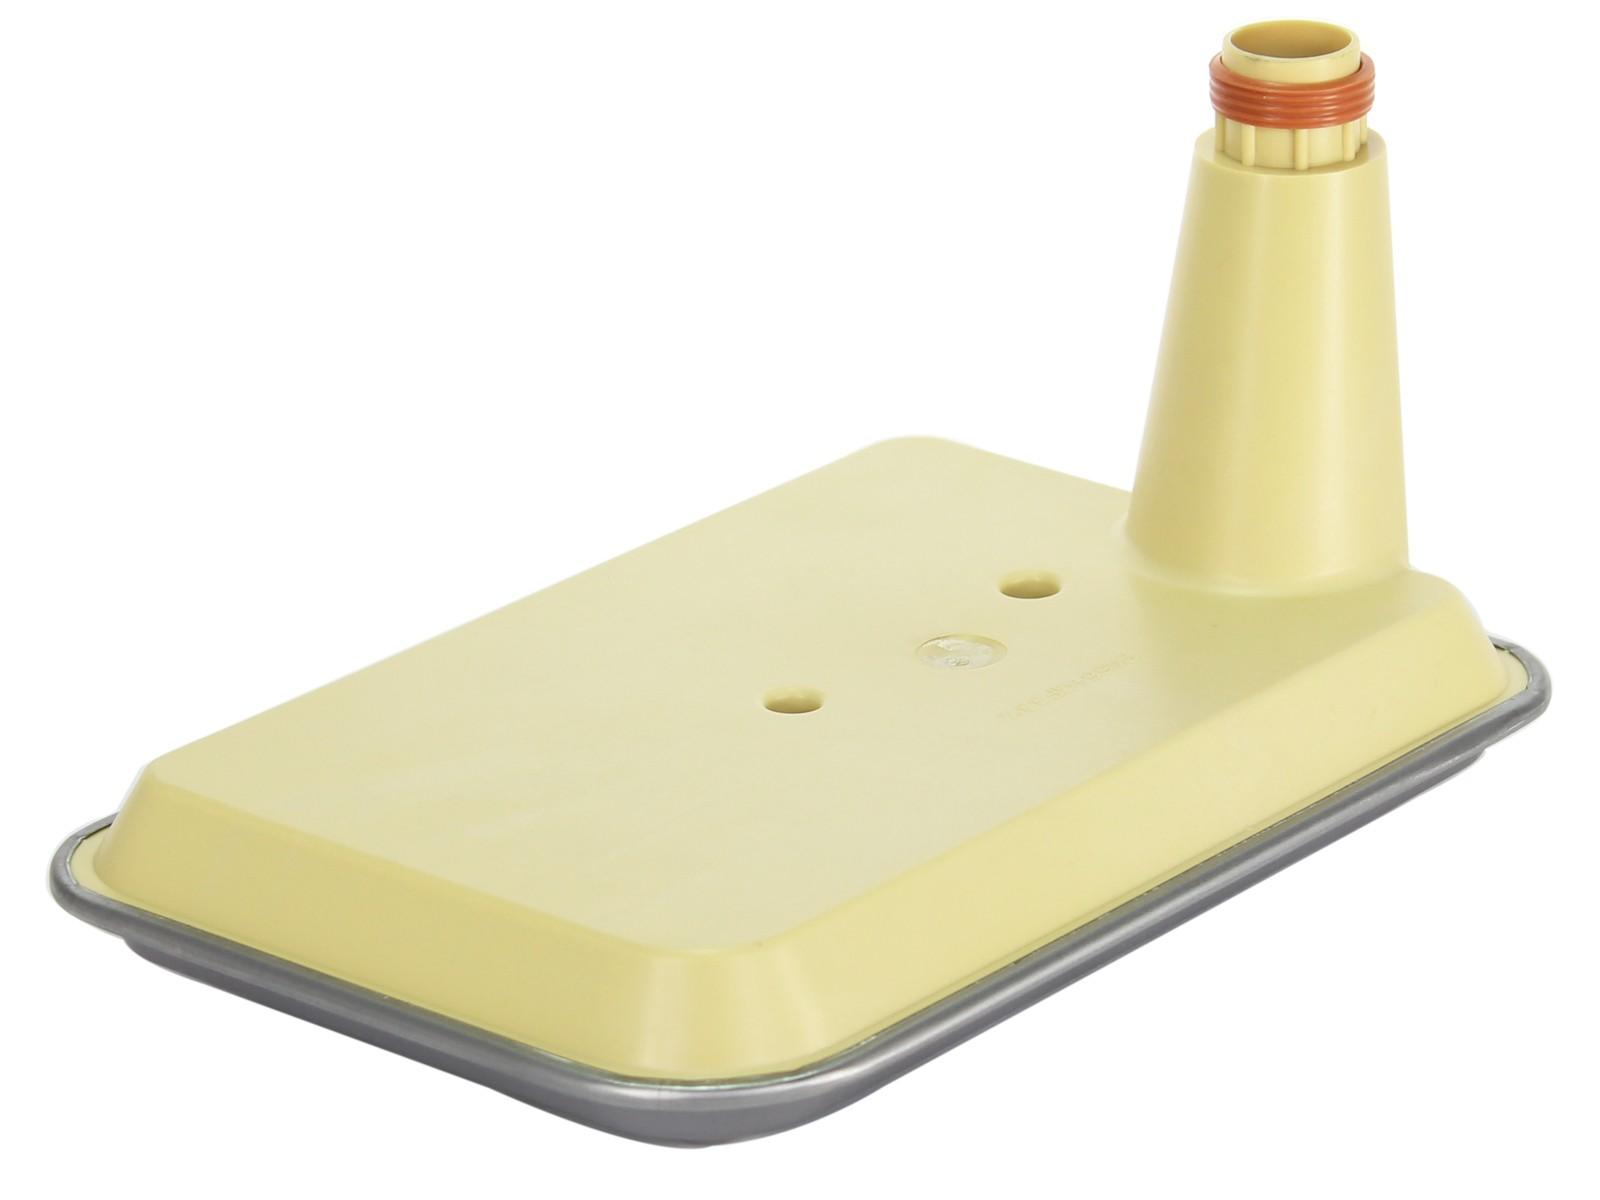 aFe POWER 44-TF006 Pro GUARD D2 Transmission Fluid Filter